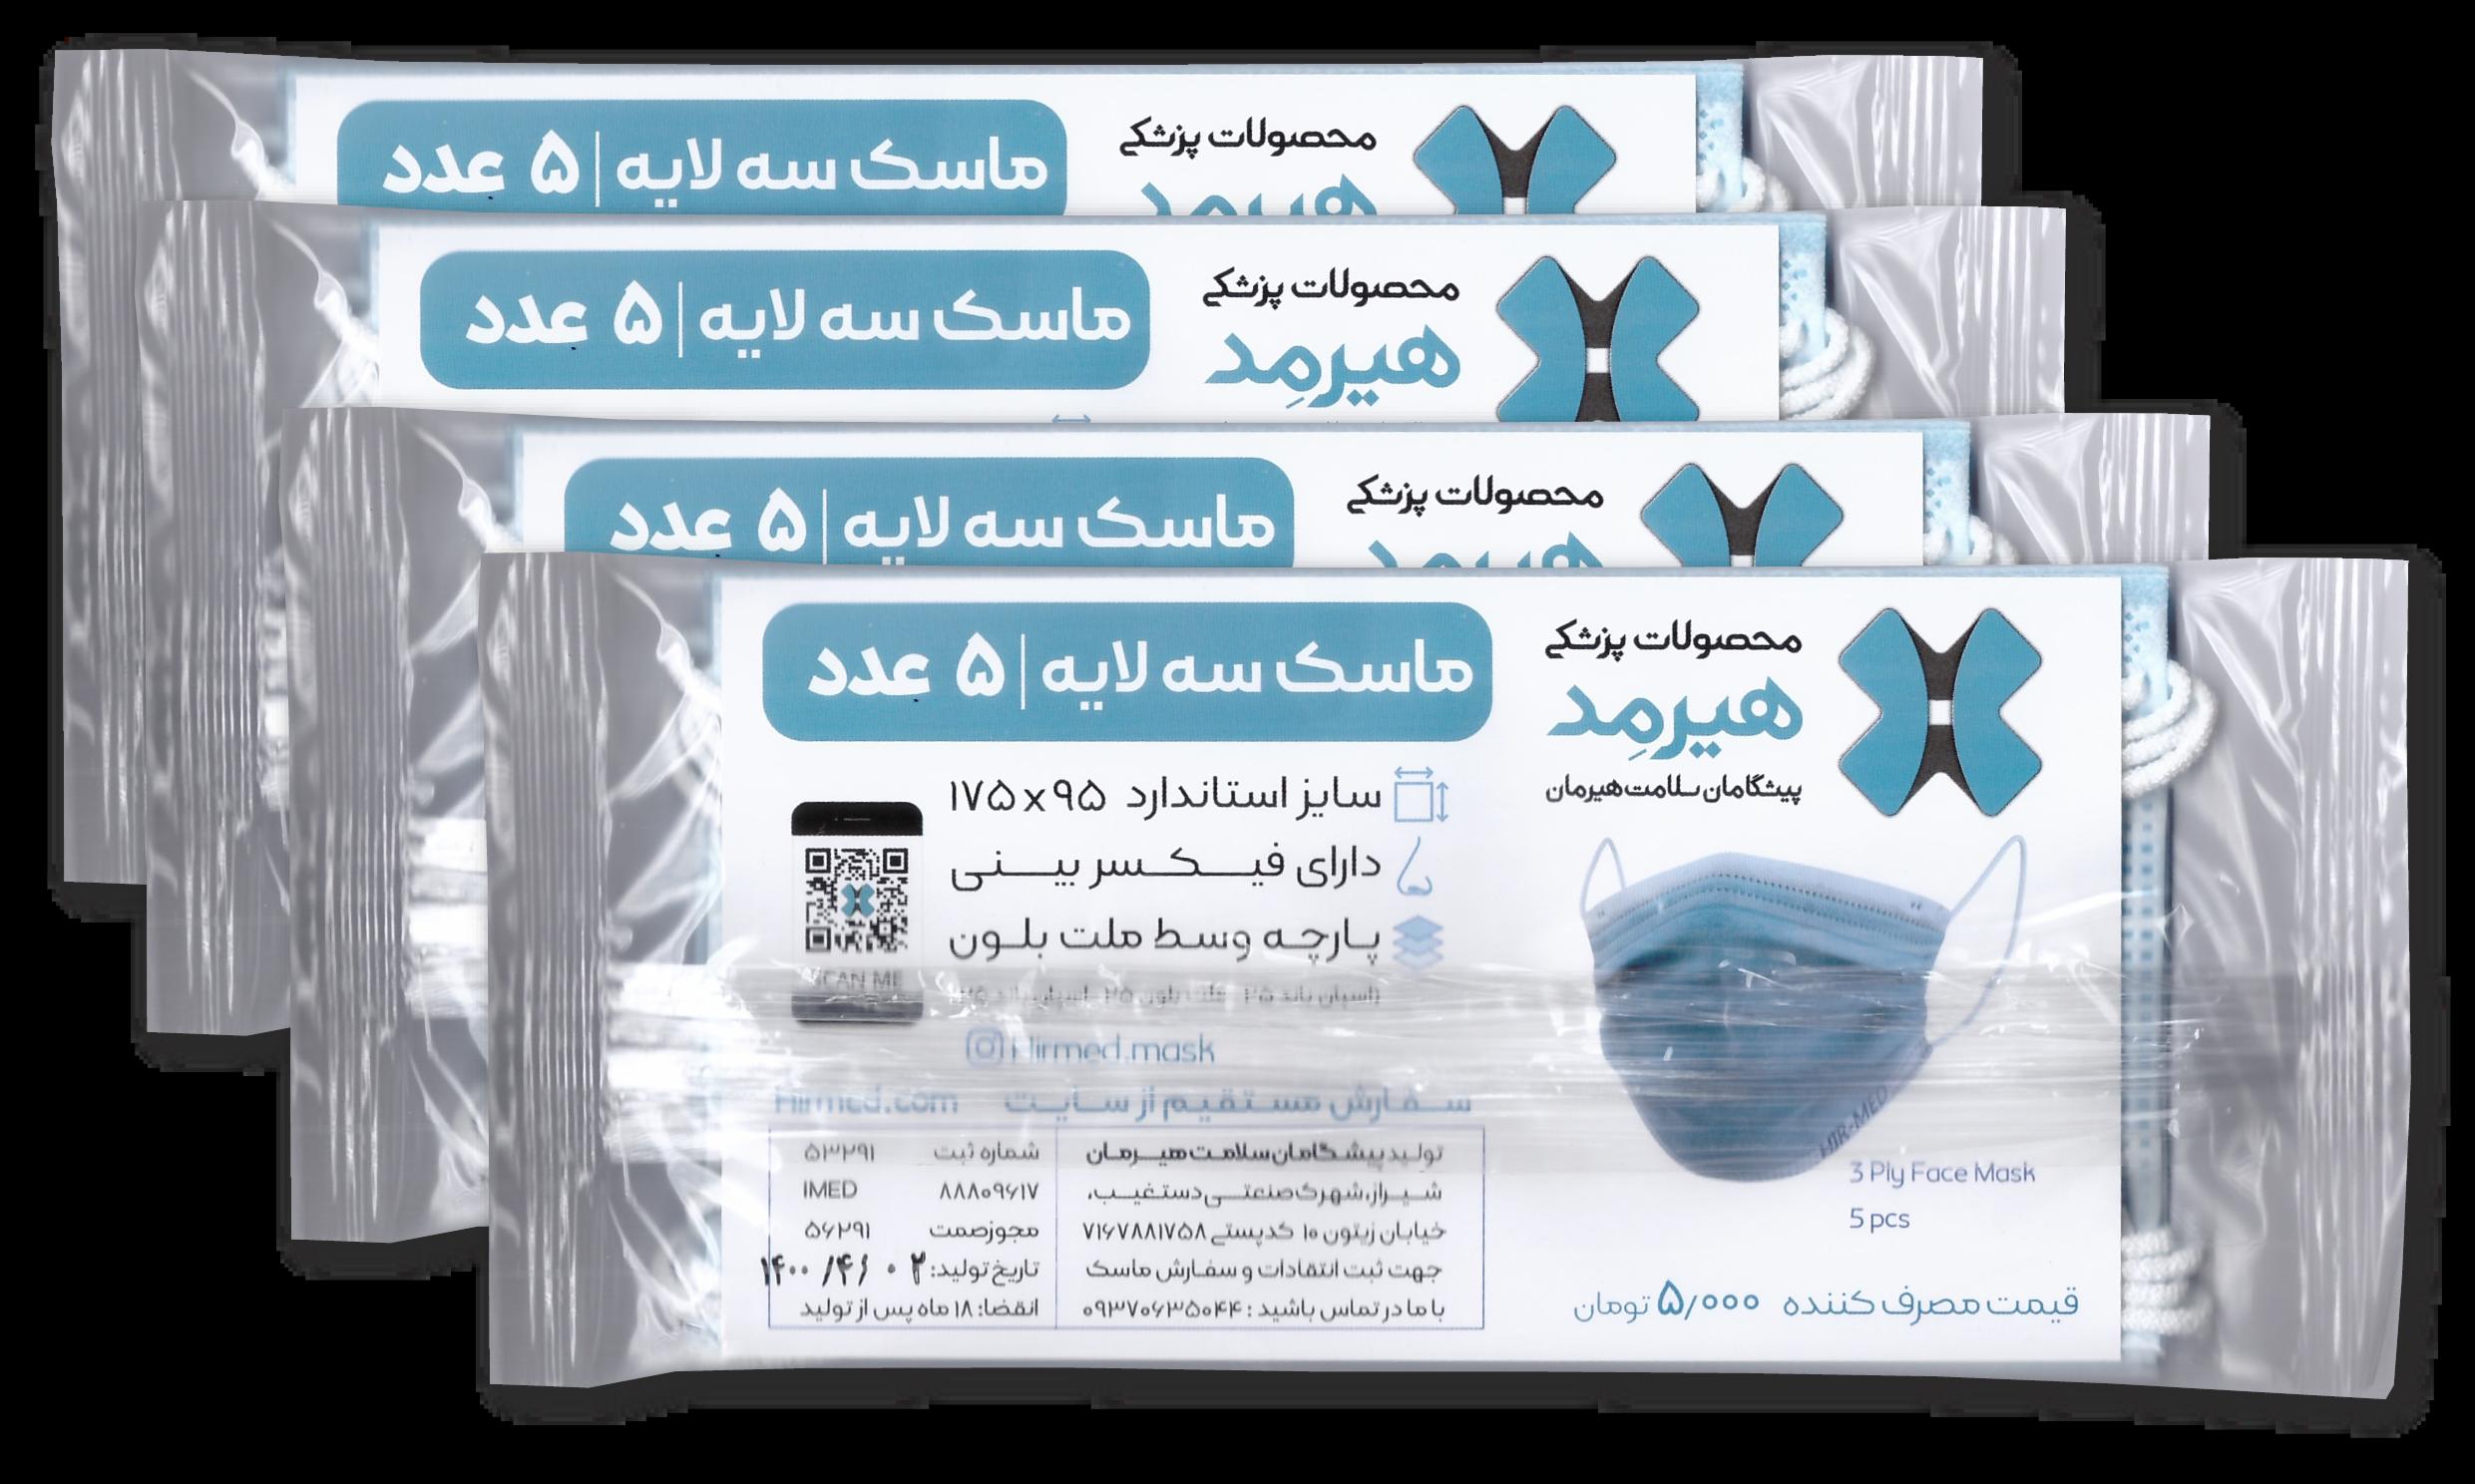 ماسک ۳ لایه رنگ آبی یخی ۴ بسته ی  ۵ عددی